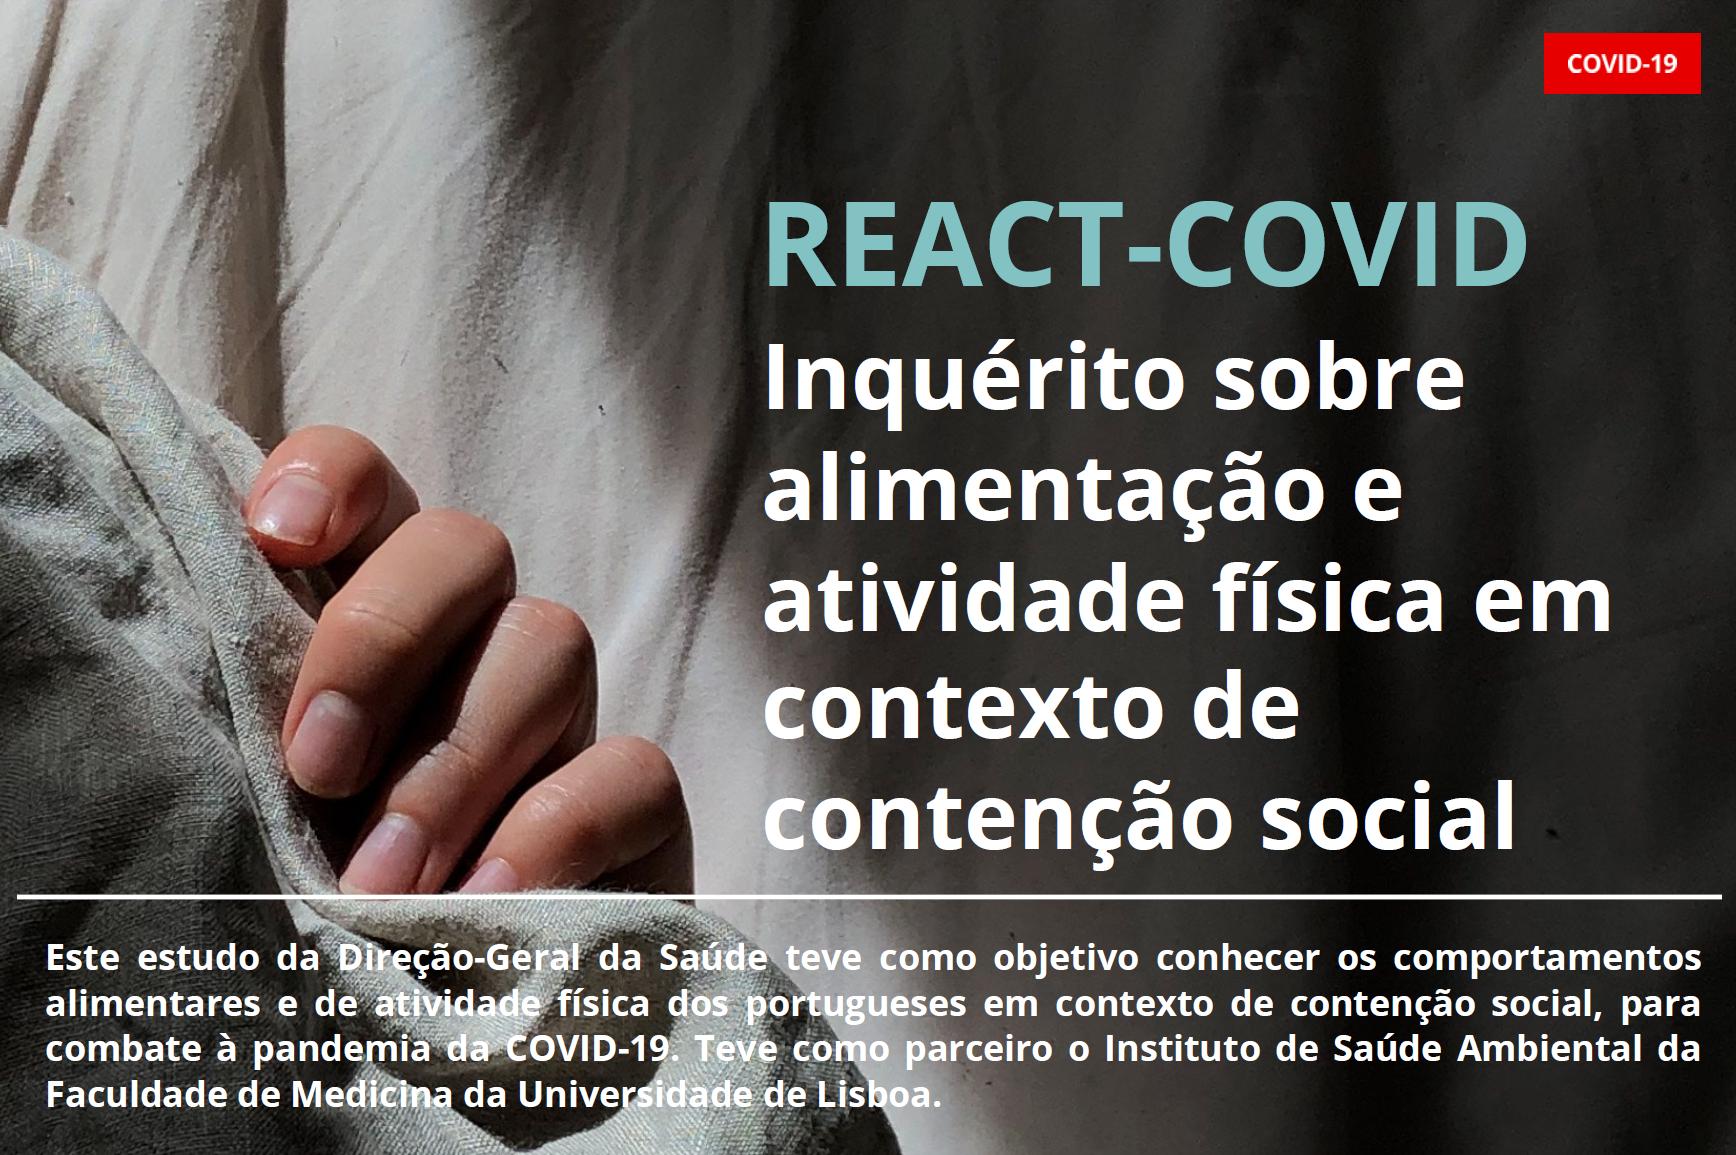 Hábitos de Atividade Física e Alimentares em Contexto de Contenção Social